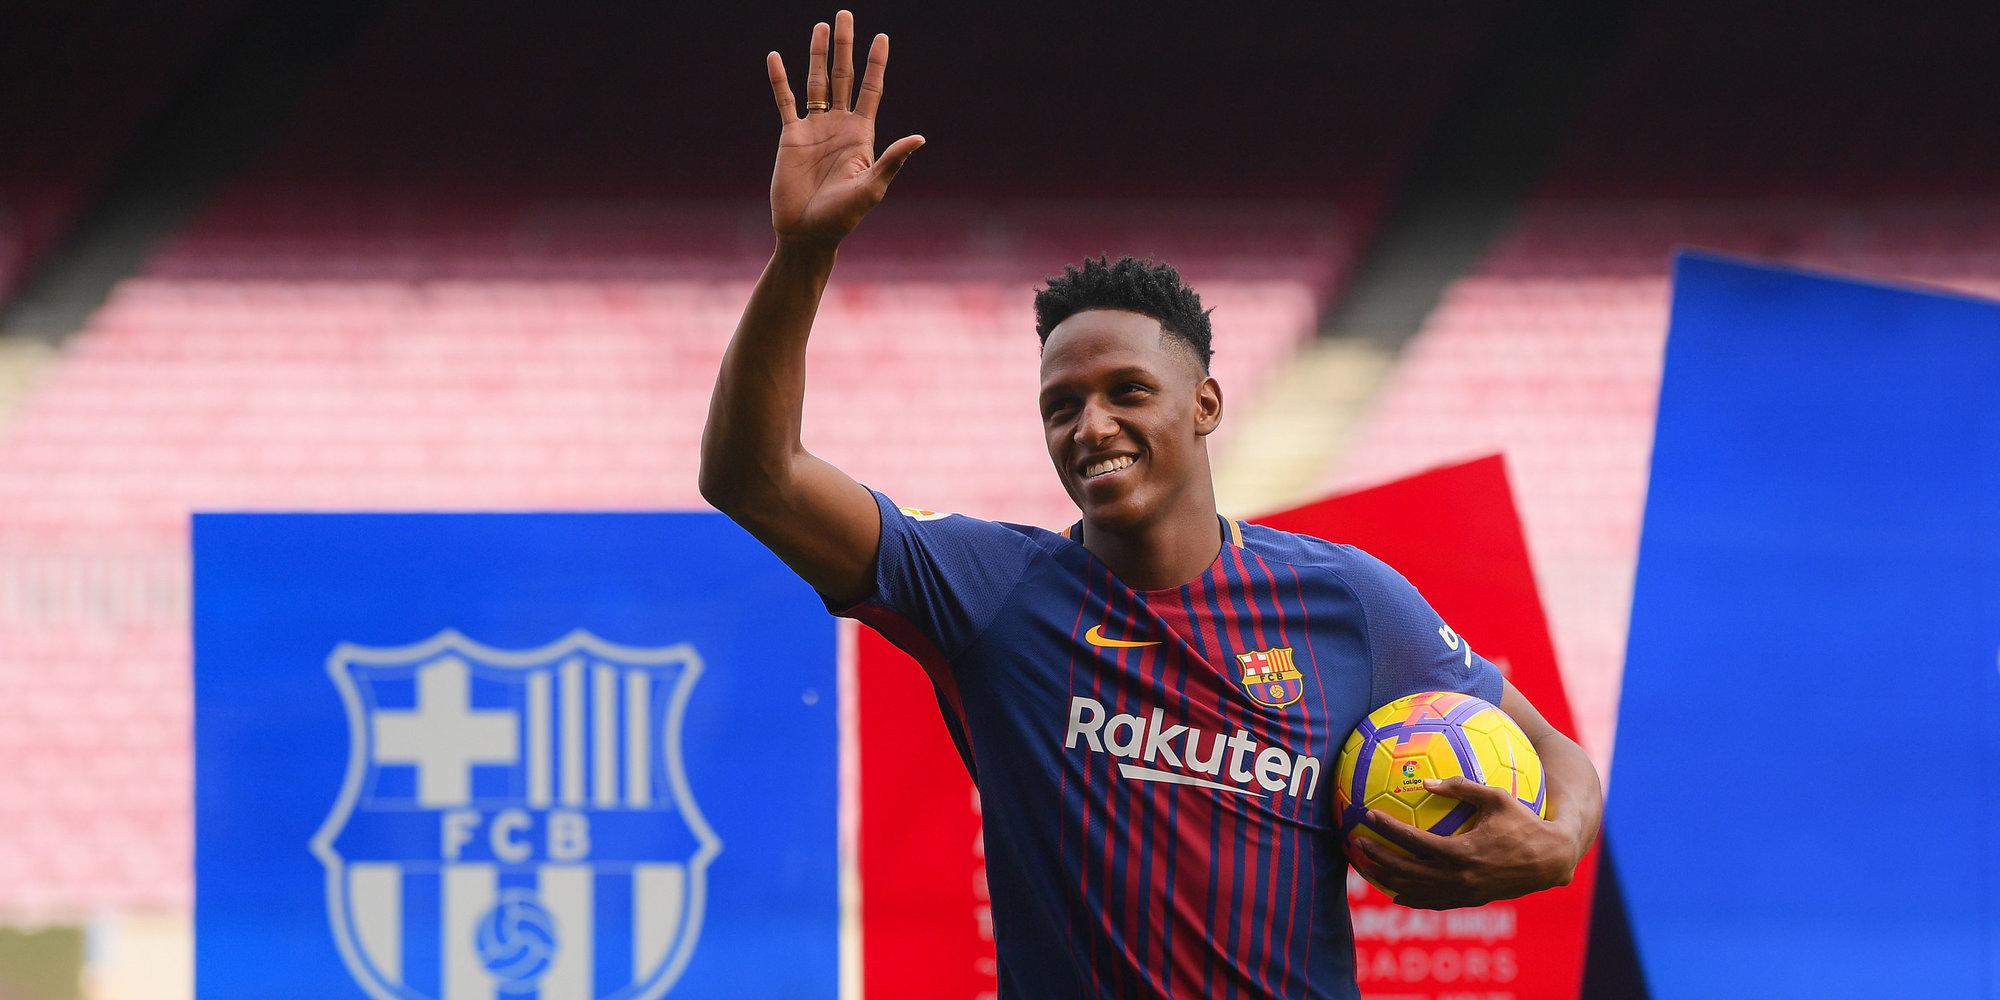 Защитник «Барселоны» бомба будет игроком «Эвертона» 8августа